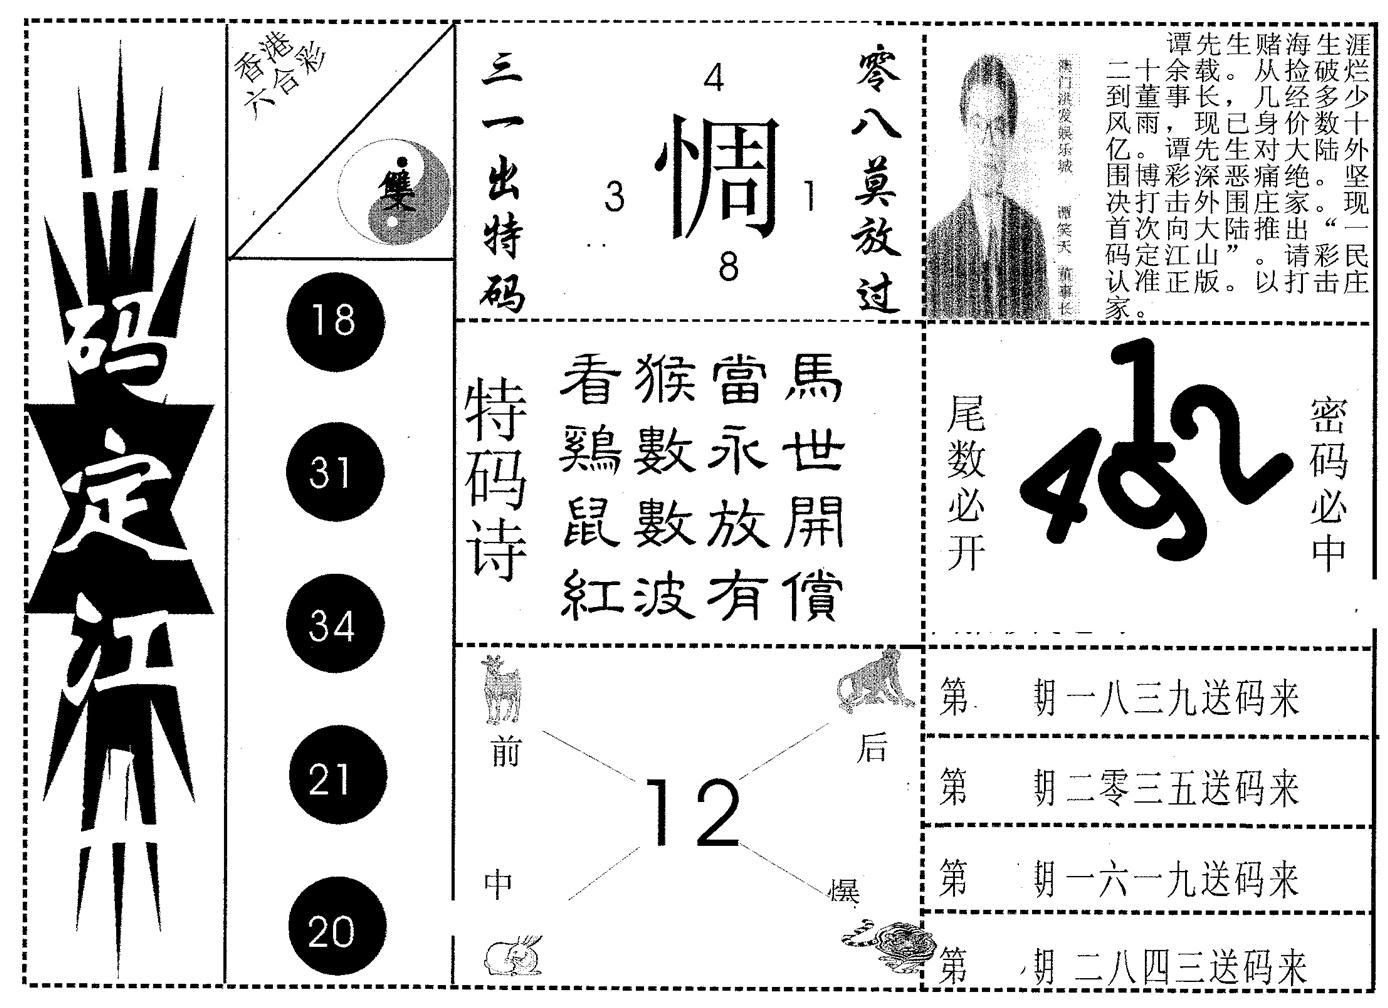 077期一码定江山(黑白)